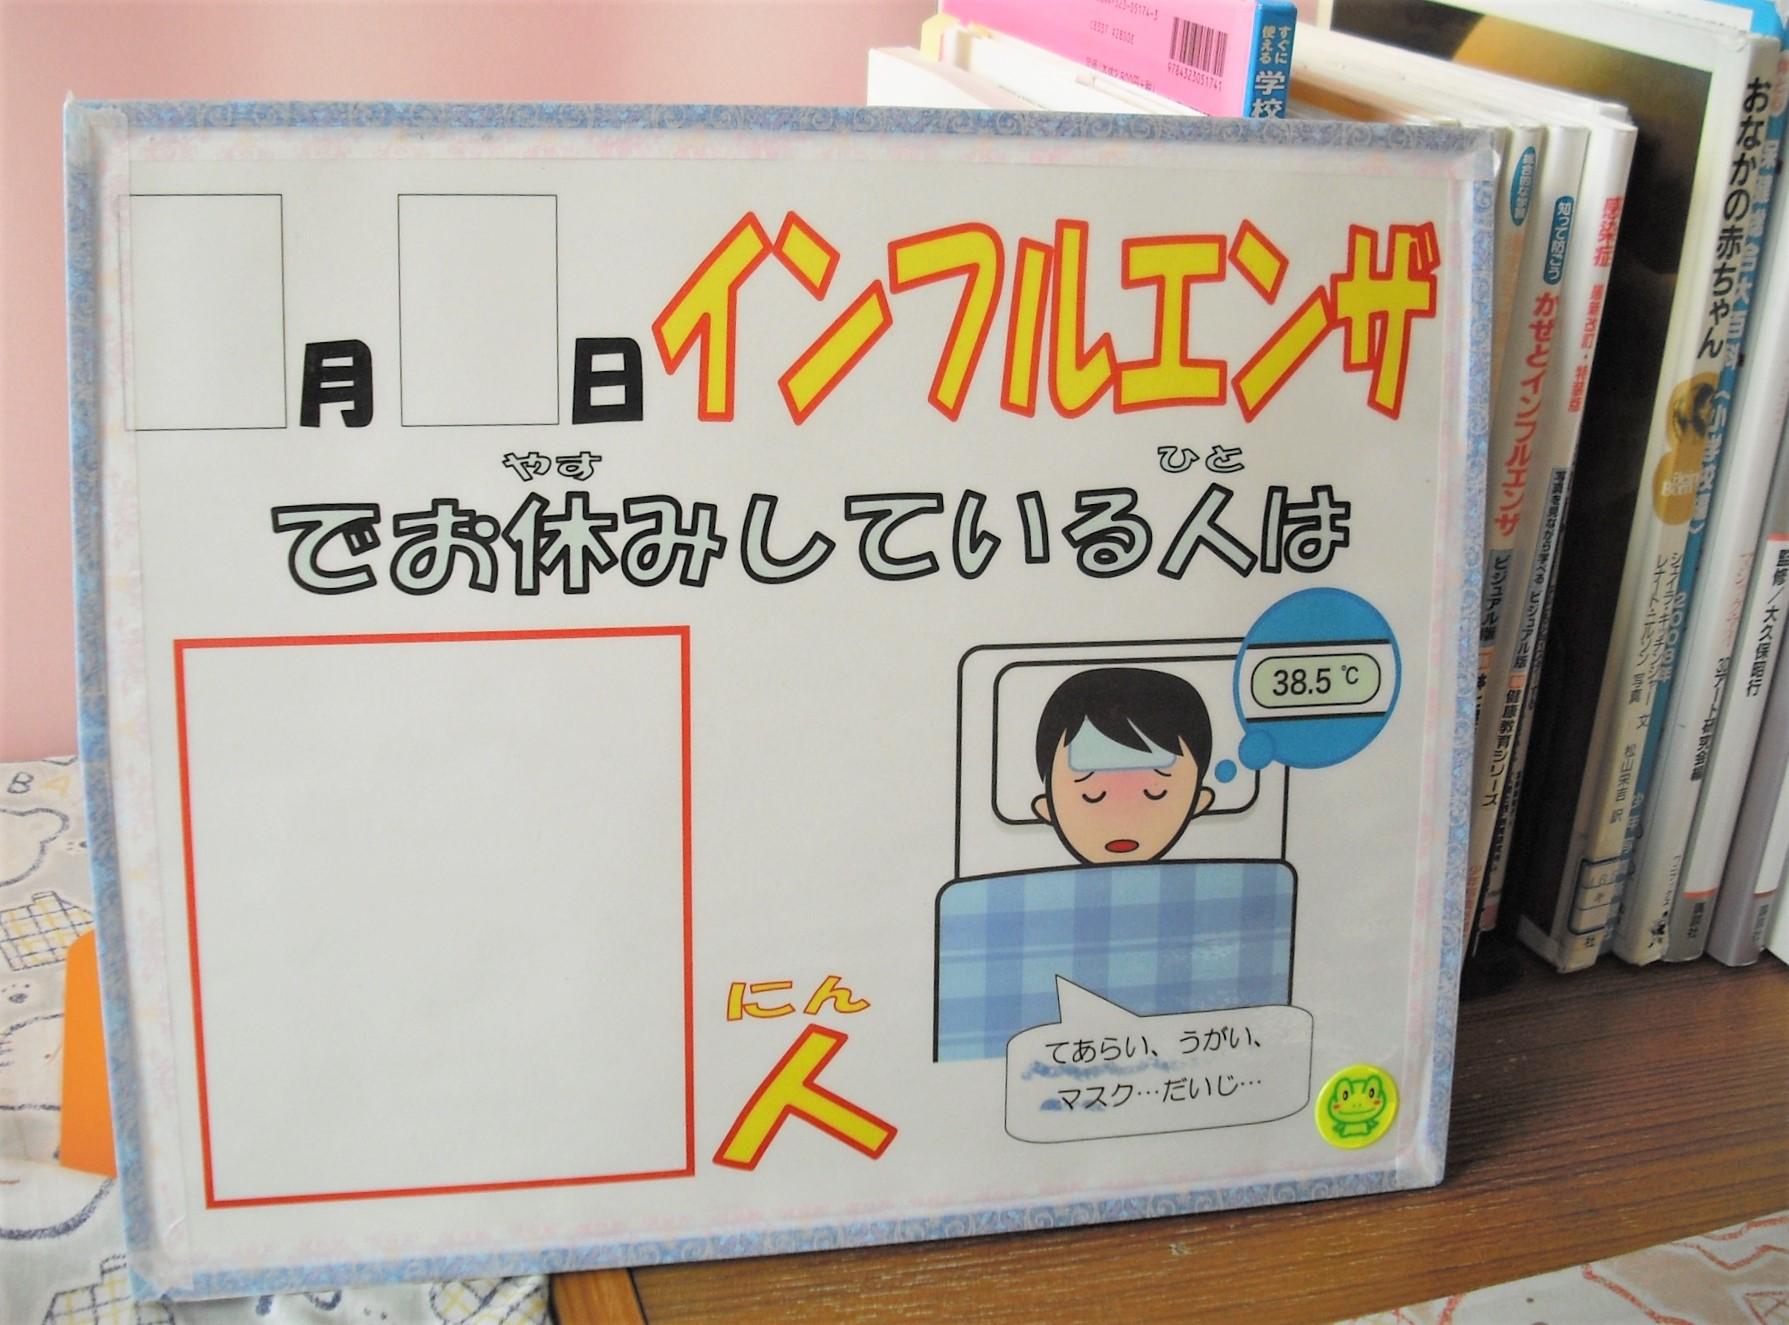 【保健室】インフルエンザの人数を知らせる掲示物